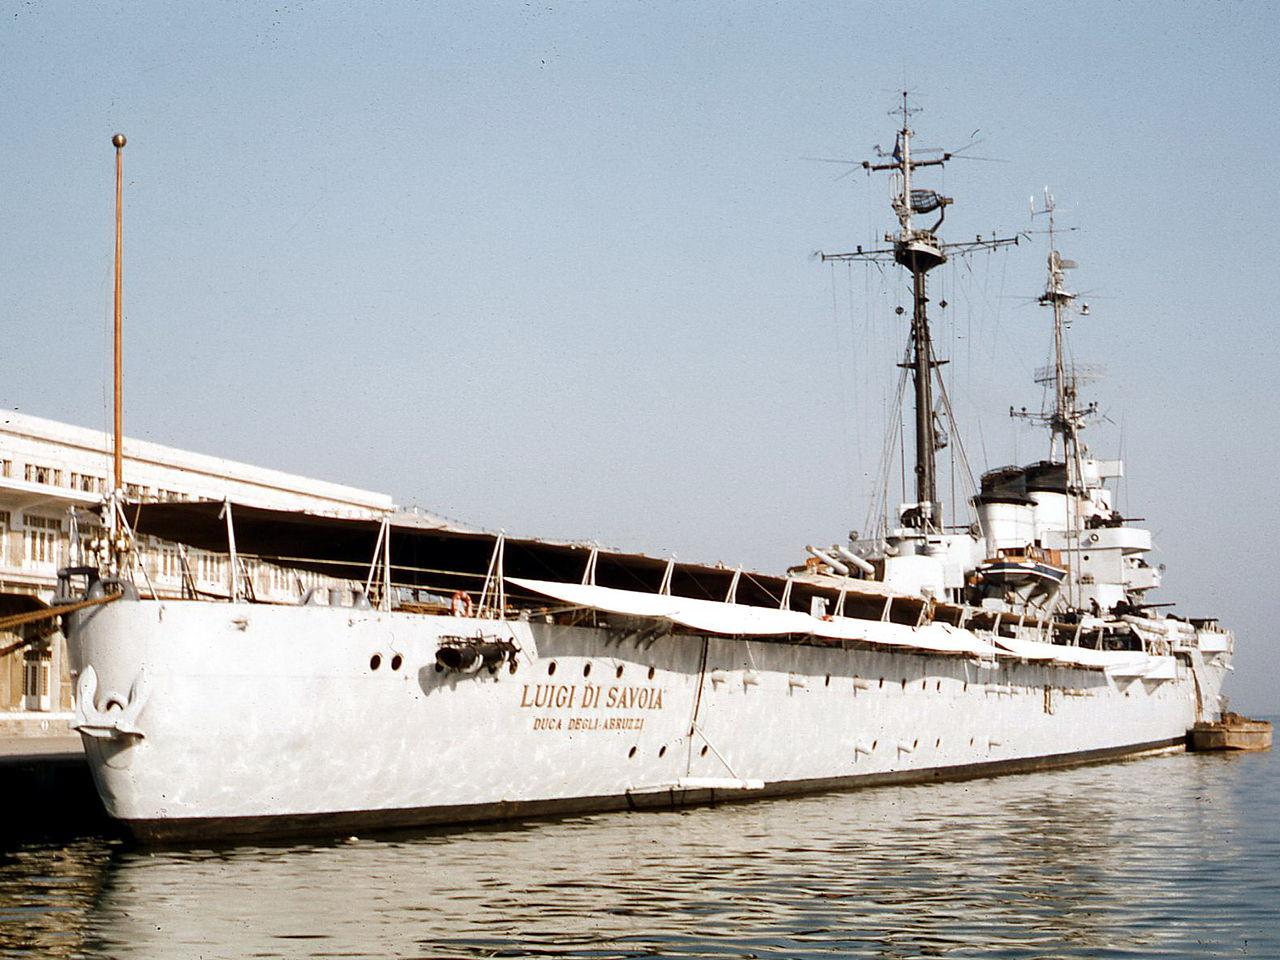 Duca Degli Abruzzi at Trieste in 1959